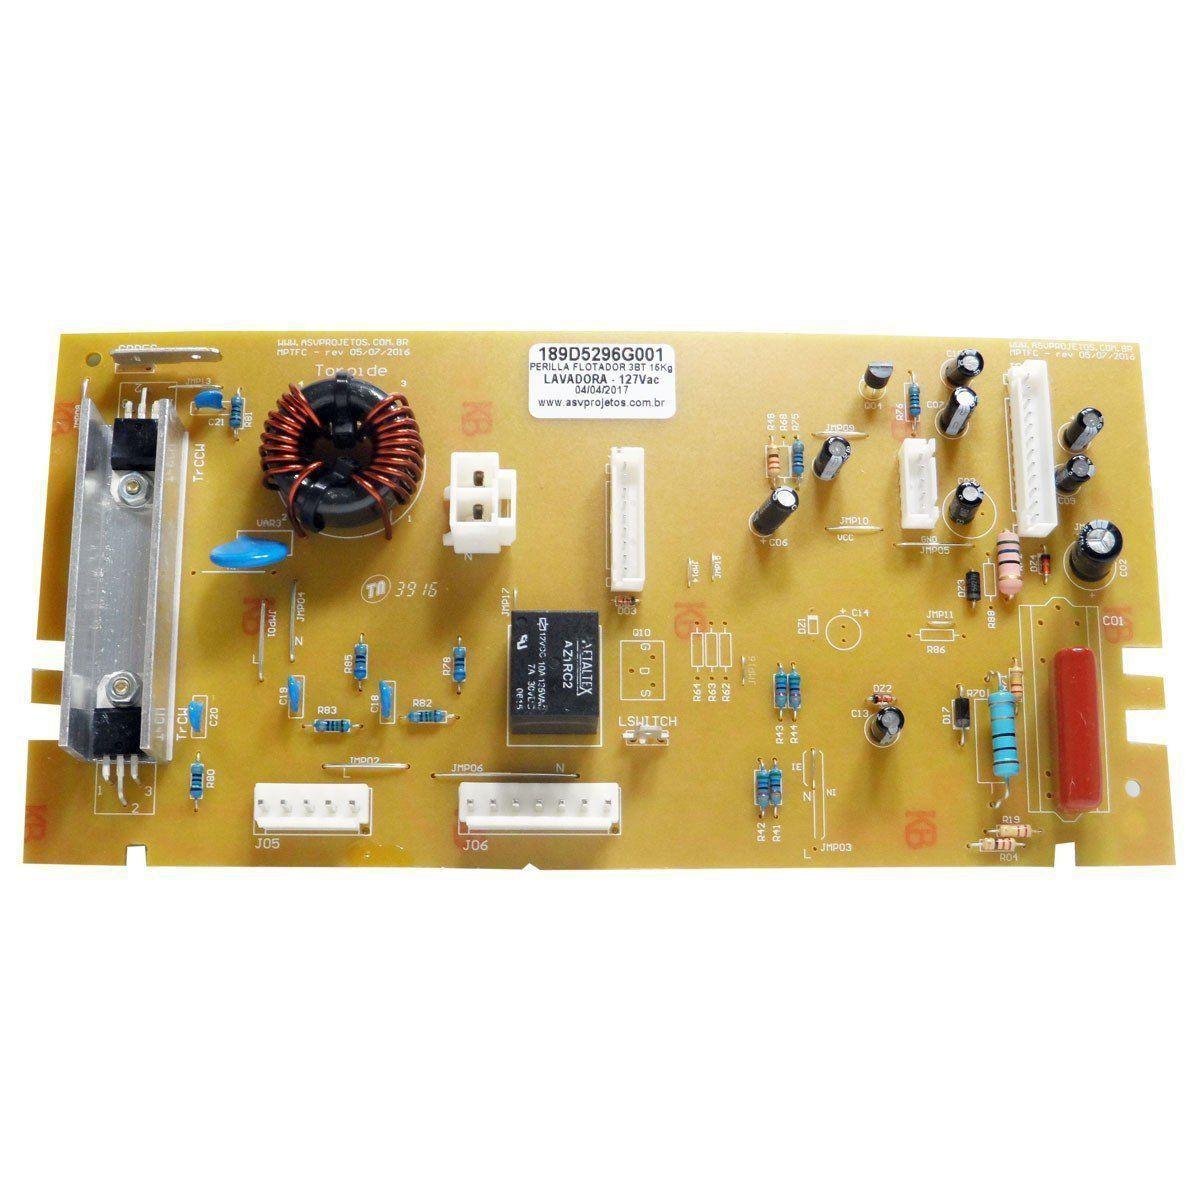 PLACA L.ROUPA GE 127V WA189D5296G001/PEL5201 ASV